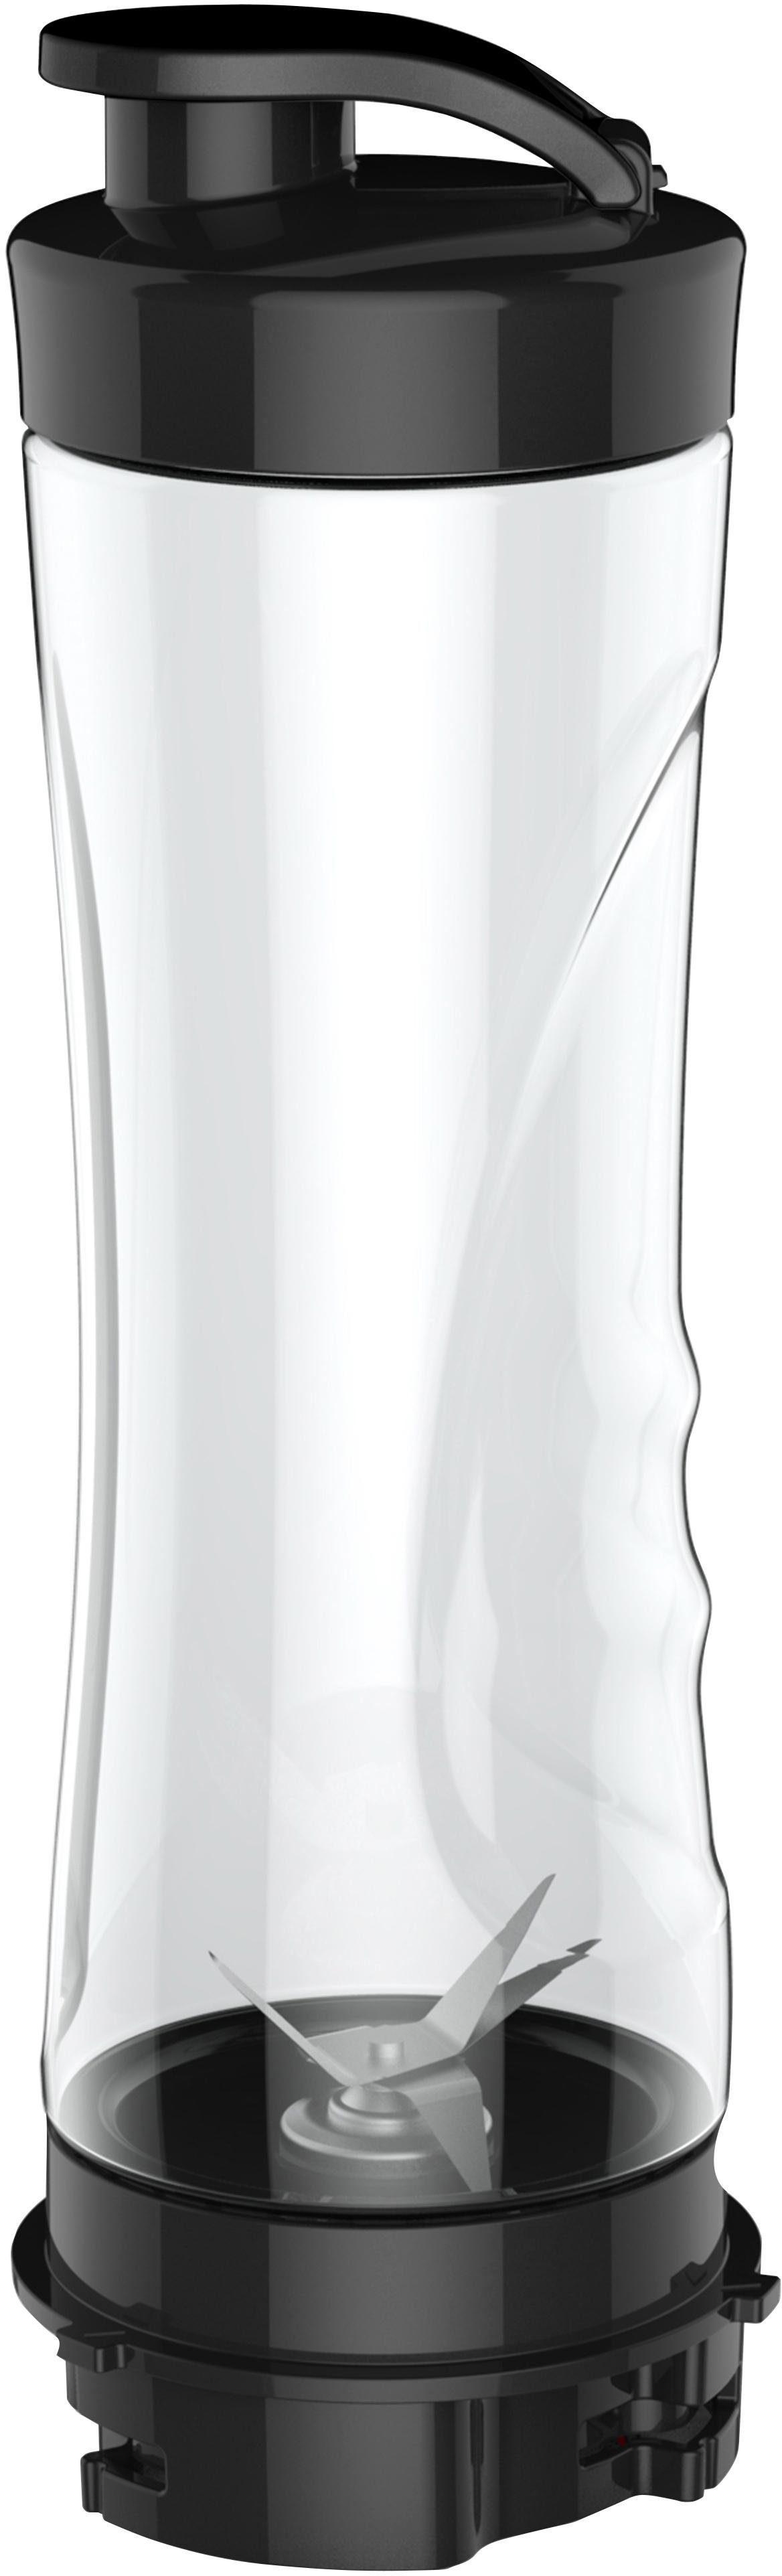 caso Germany Trinkflasche CASO Single Serve 3613, Zubehör für CASO NOVEA B4